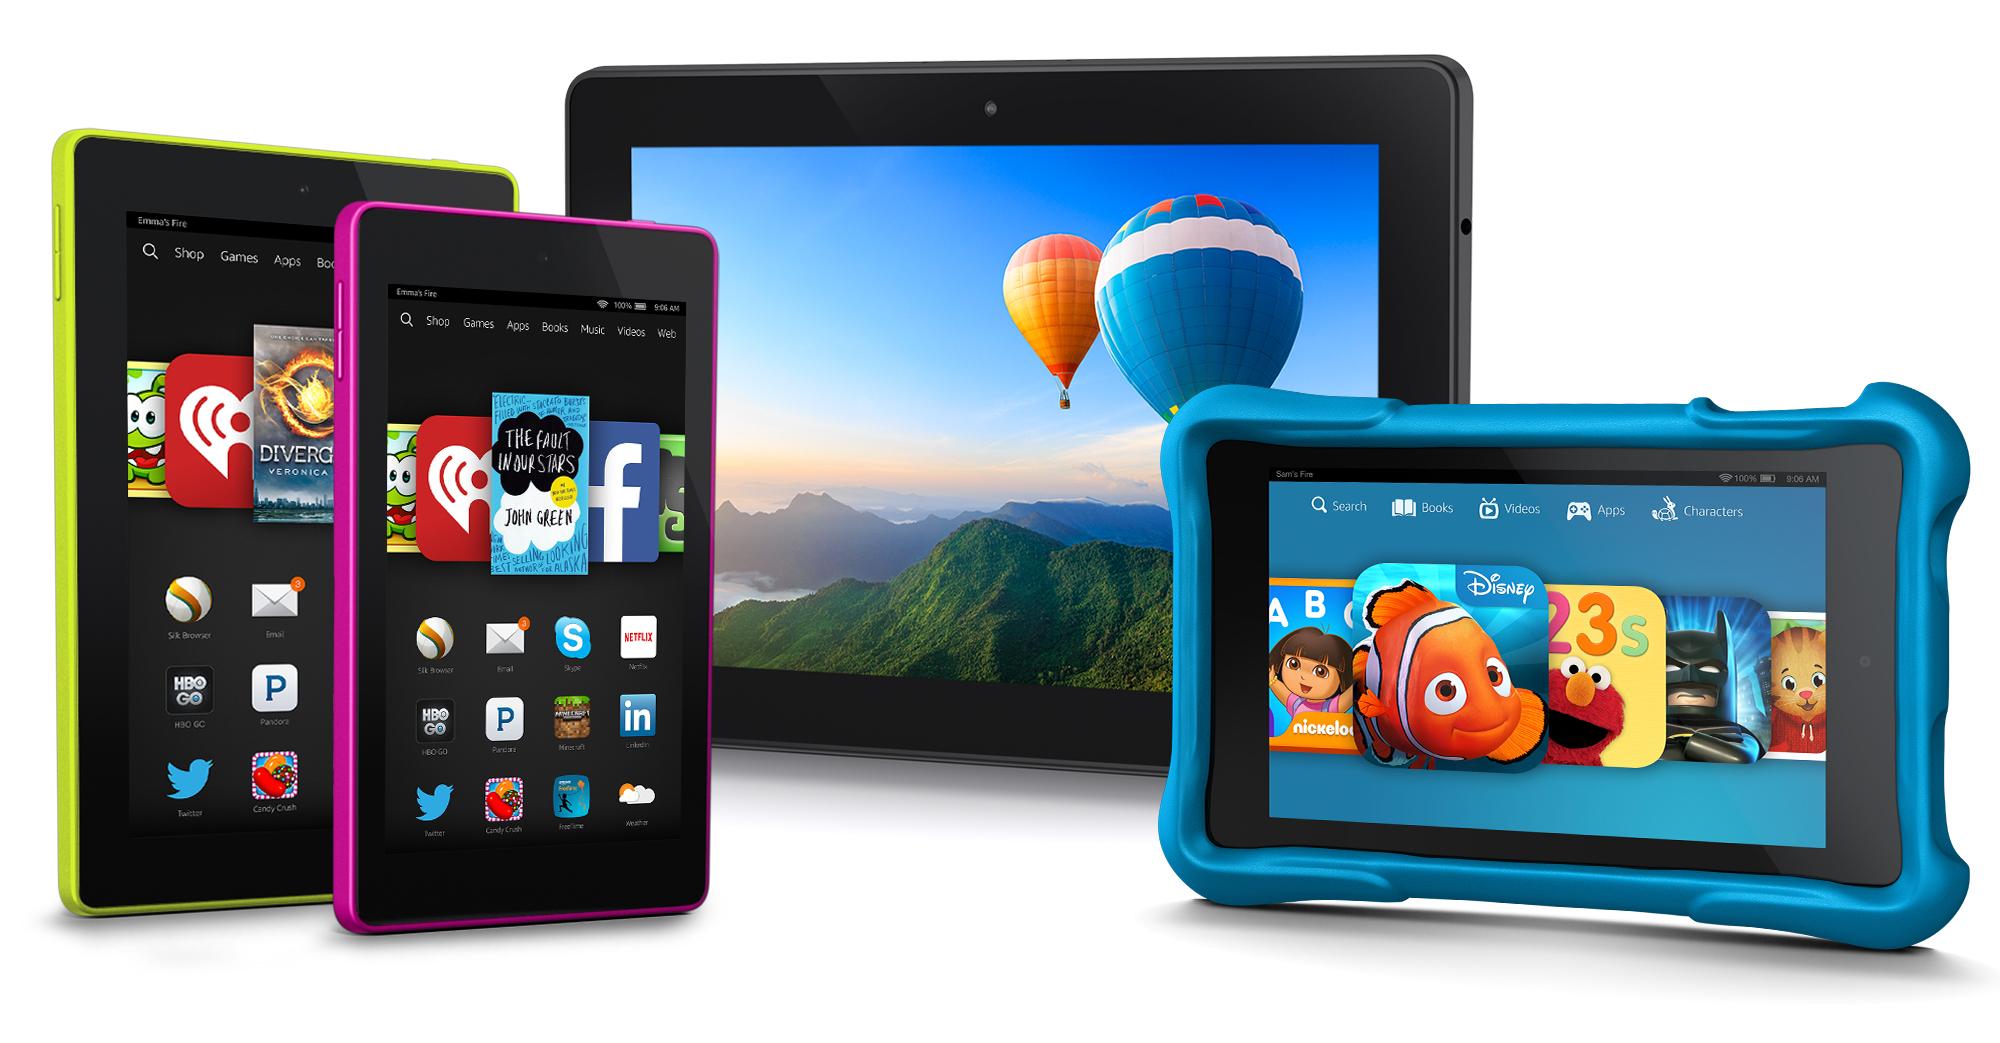 Amazon Fire tablet family (September 2014)